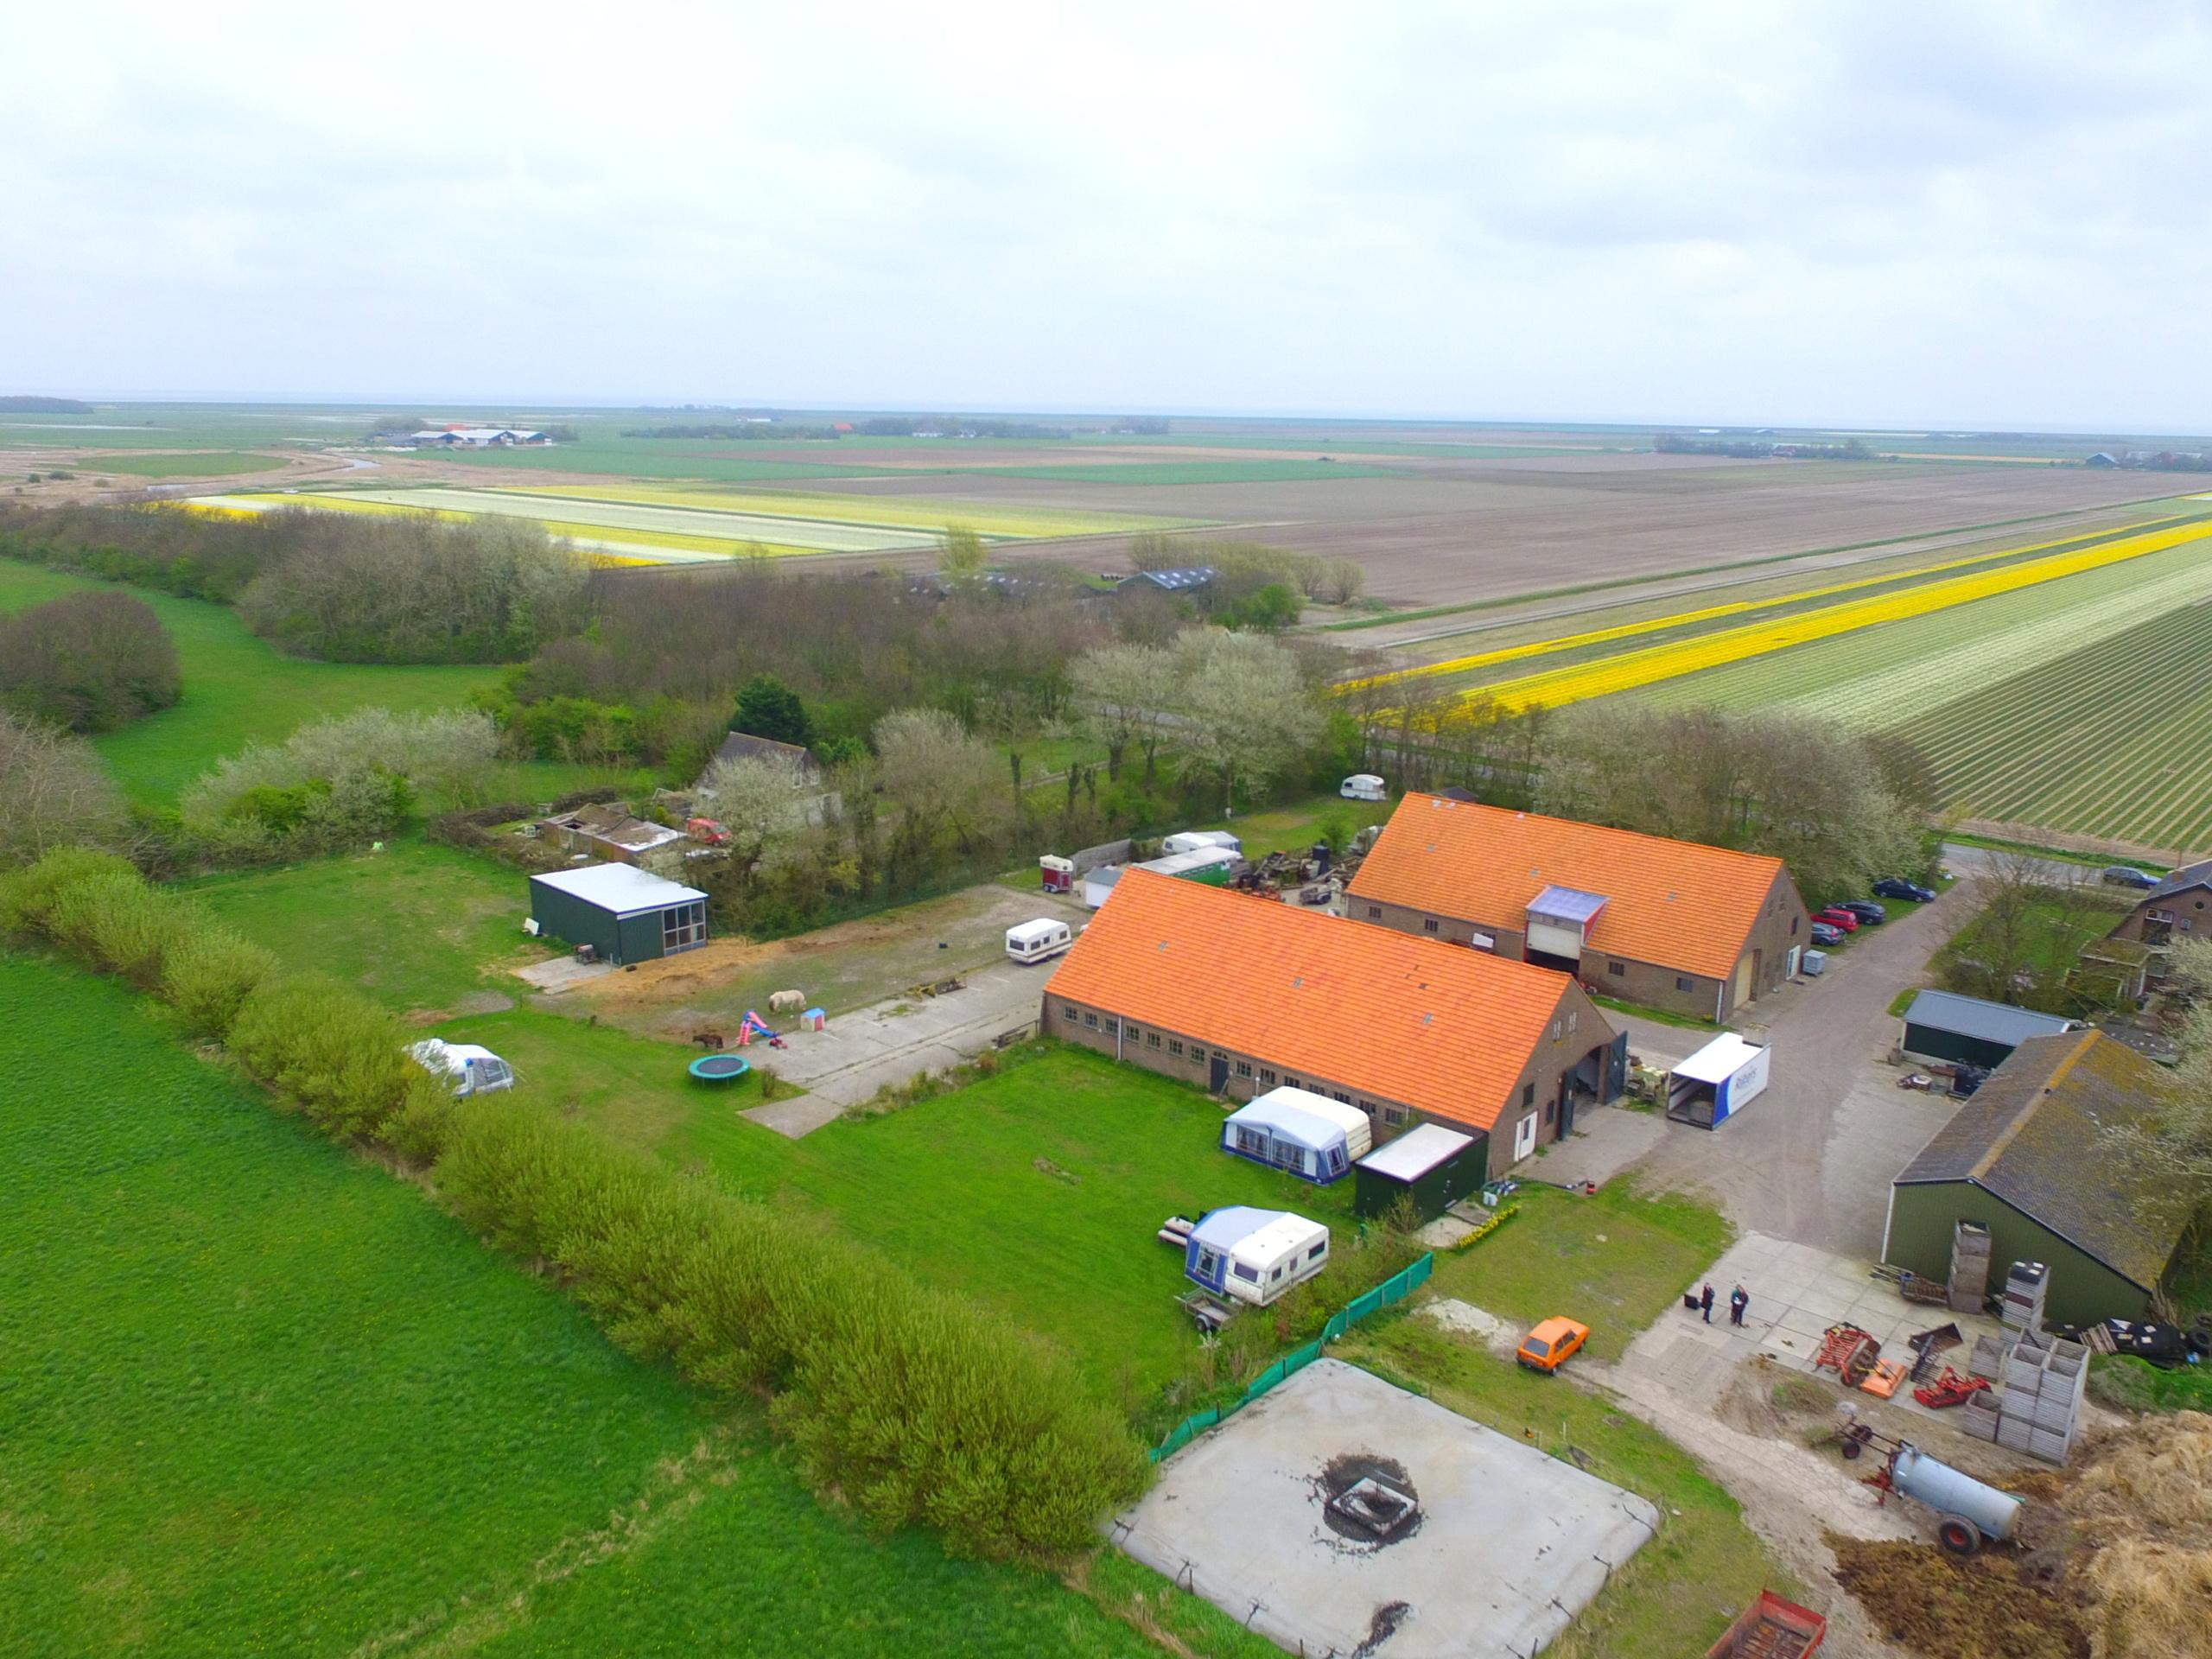 Bloembollen boerderij in polder Eierland, vlakbij de duinen met uitzicht op de ondergaande zon